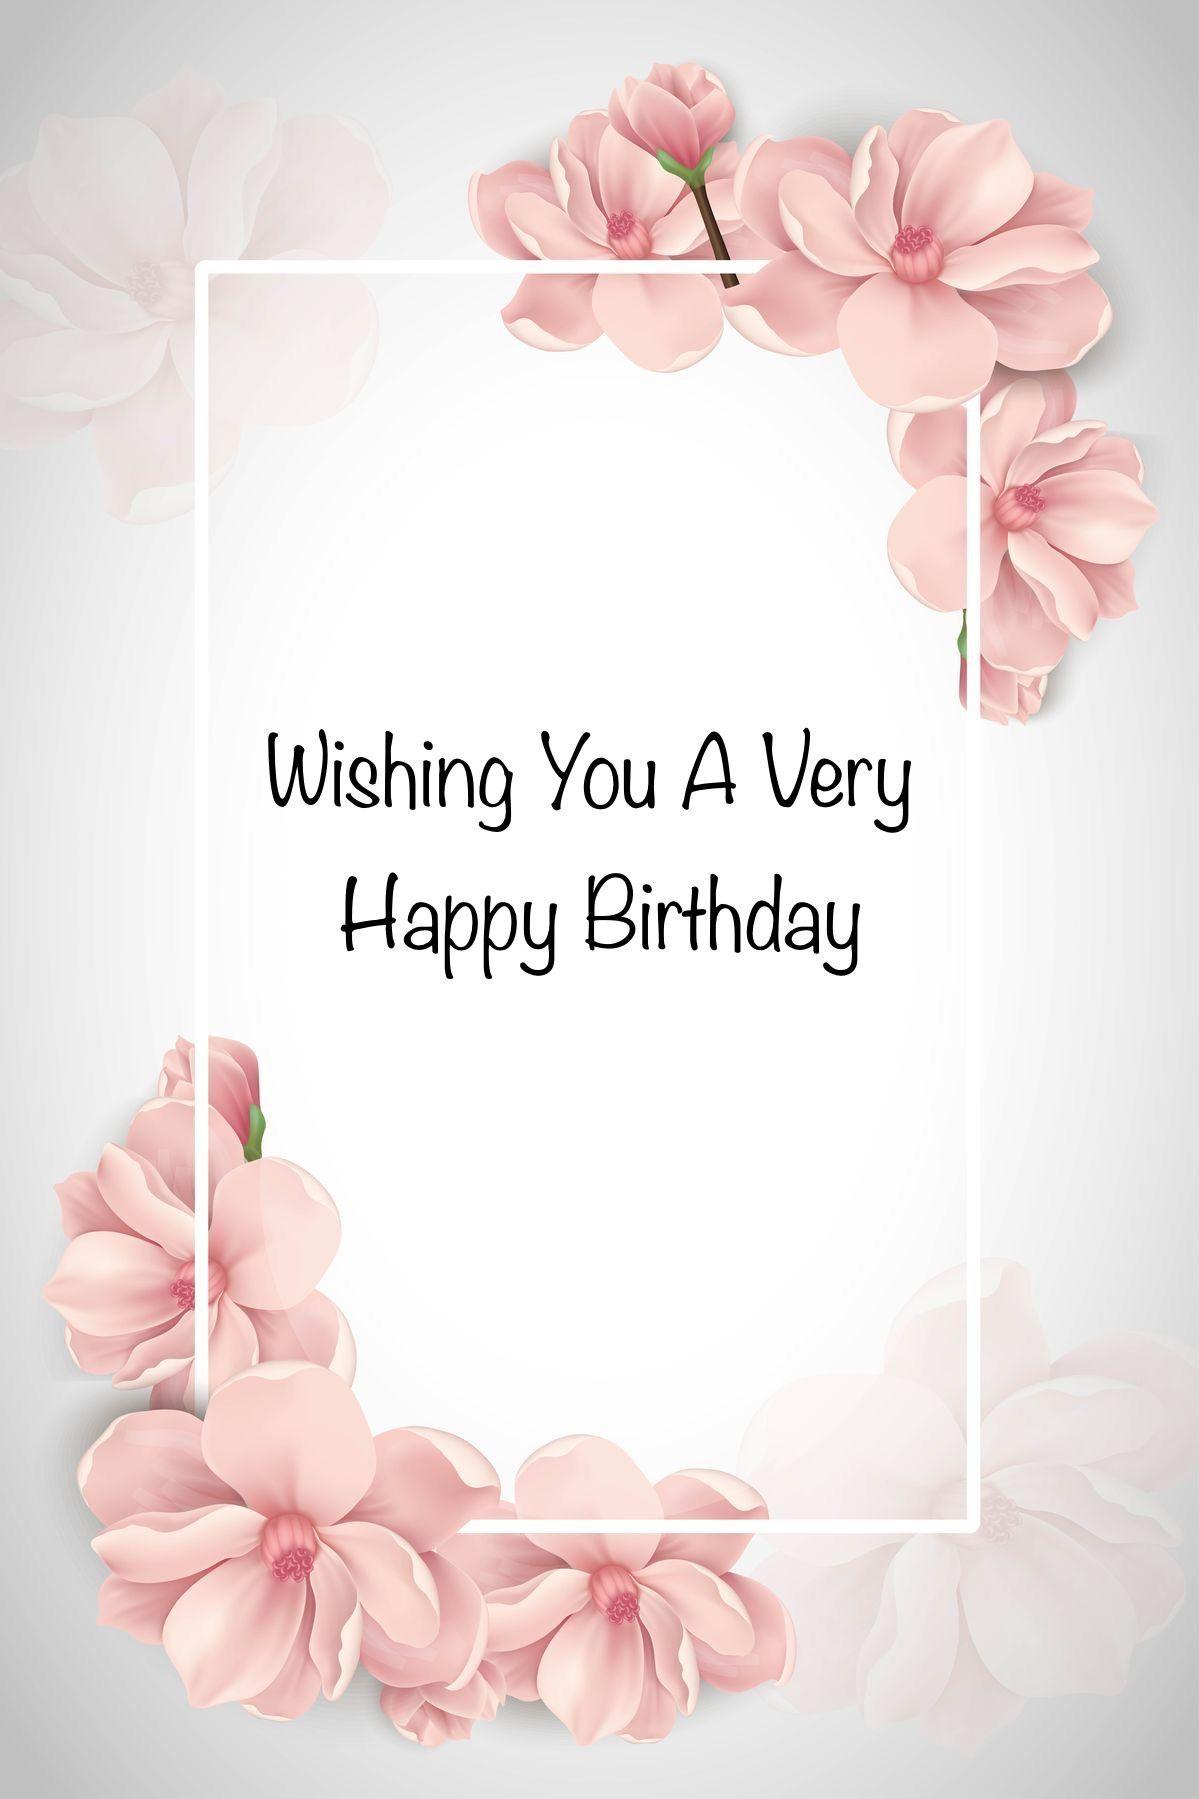 Happy Birthday Pink Blossom White Frame Grey White Background